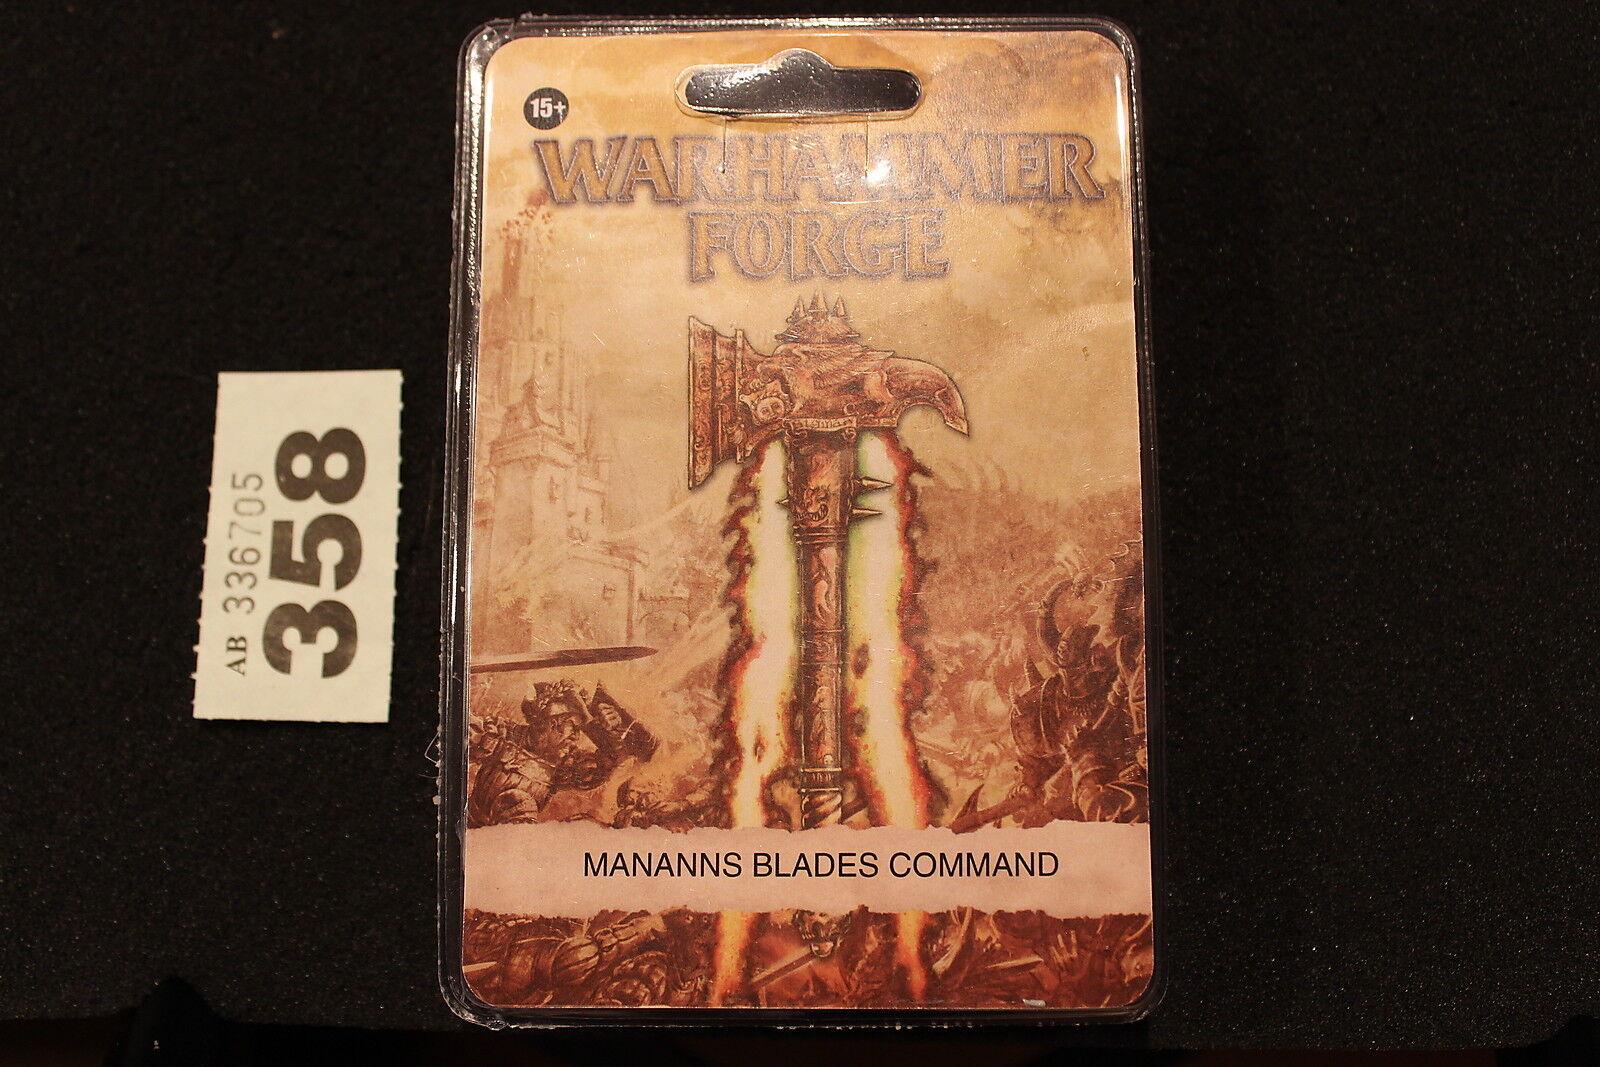 Games Workshop Warhammer Forgeworld Empire Mannans Blades Command BNIB Captain